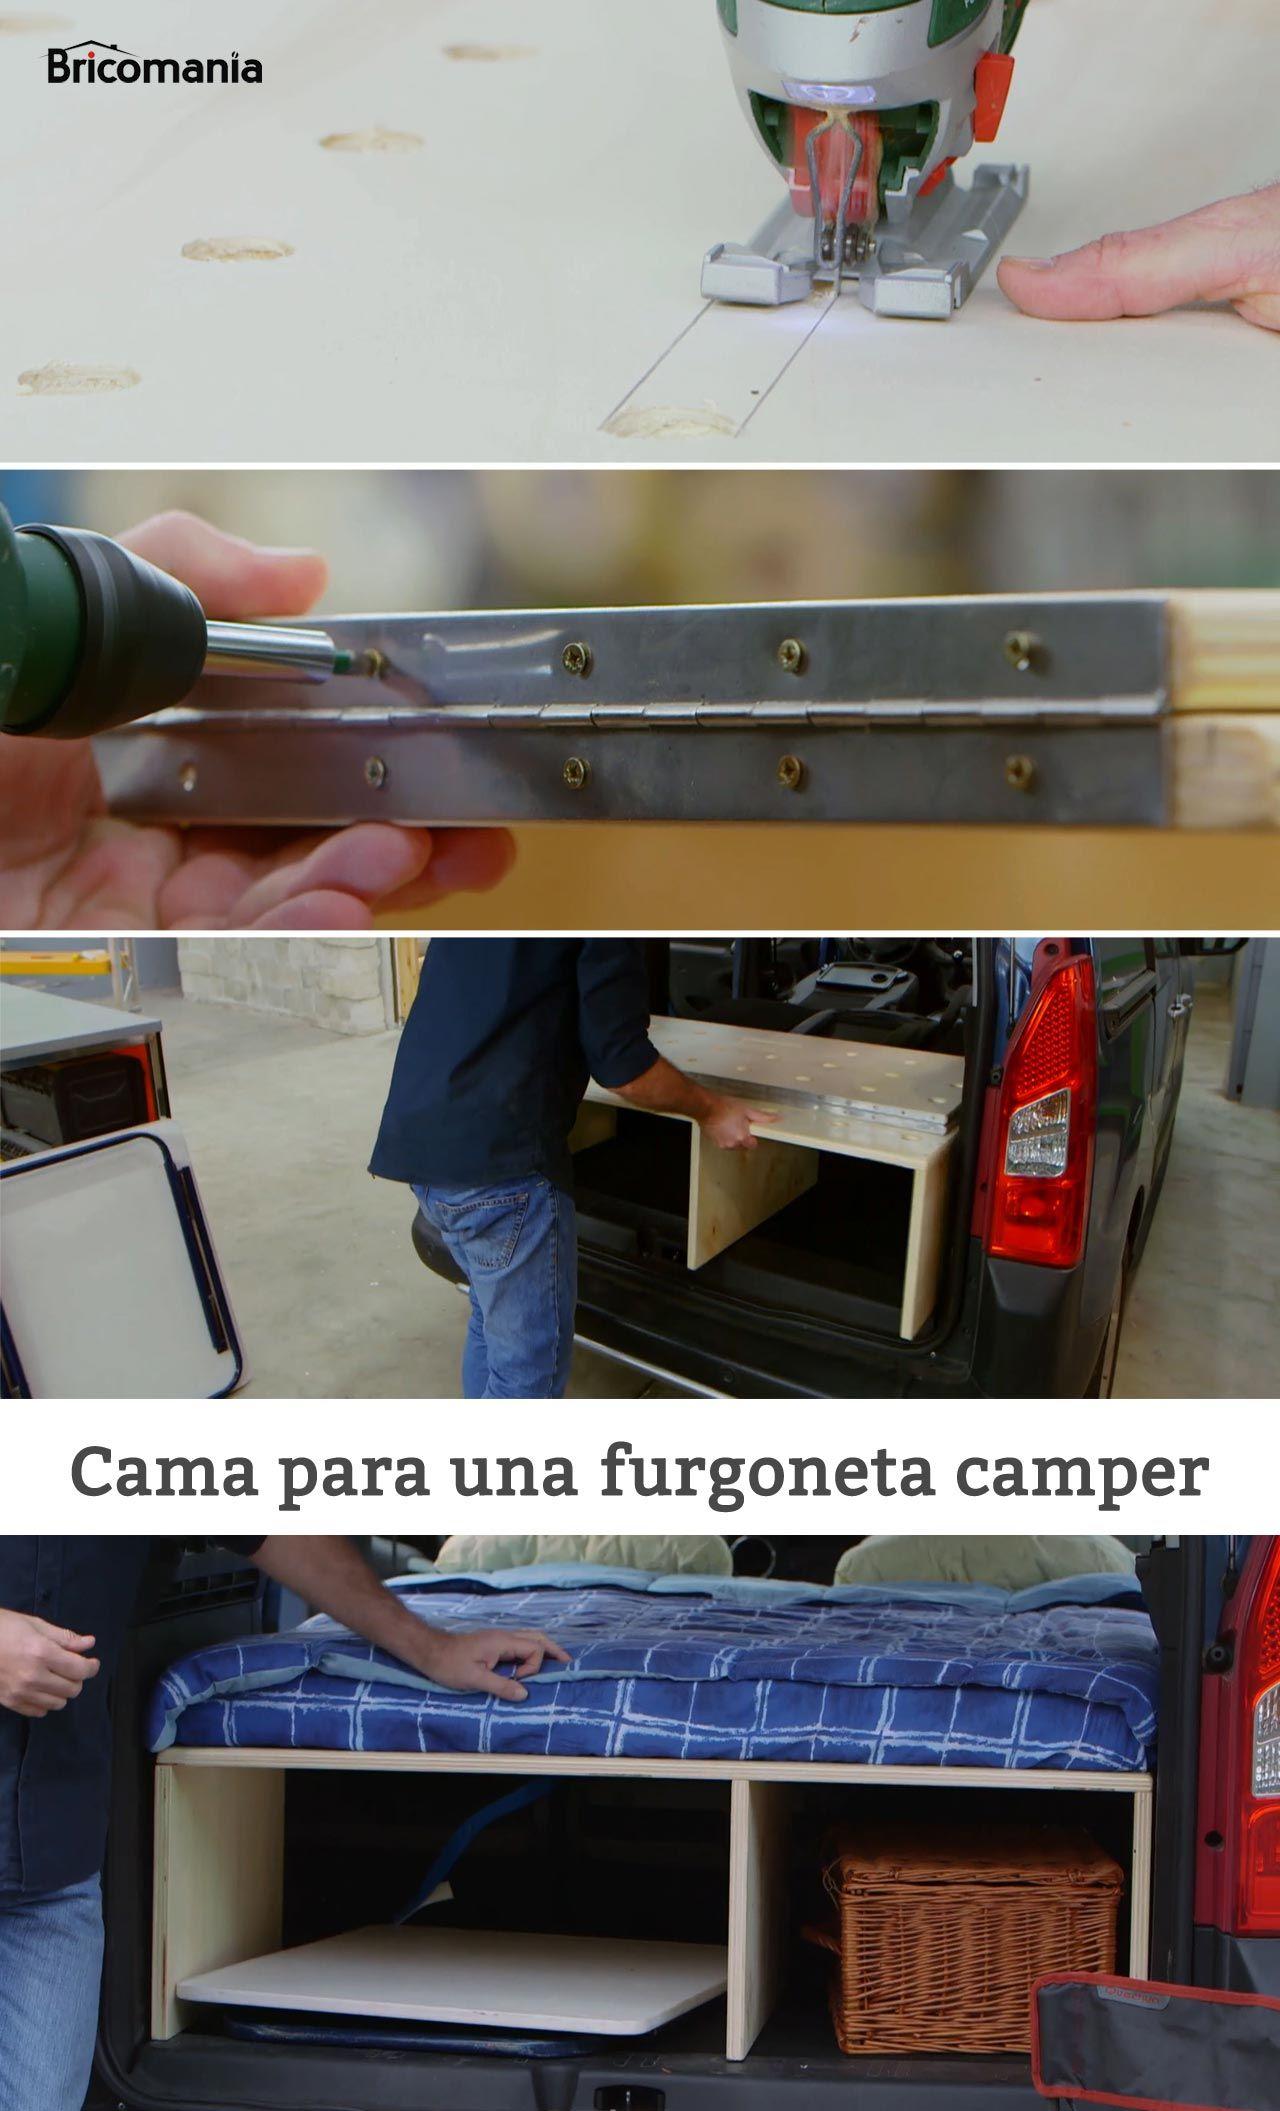 Cómo hacer una cama para una furgoneta camper | Bricolaje ...